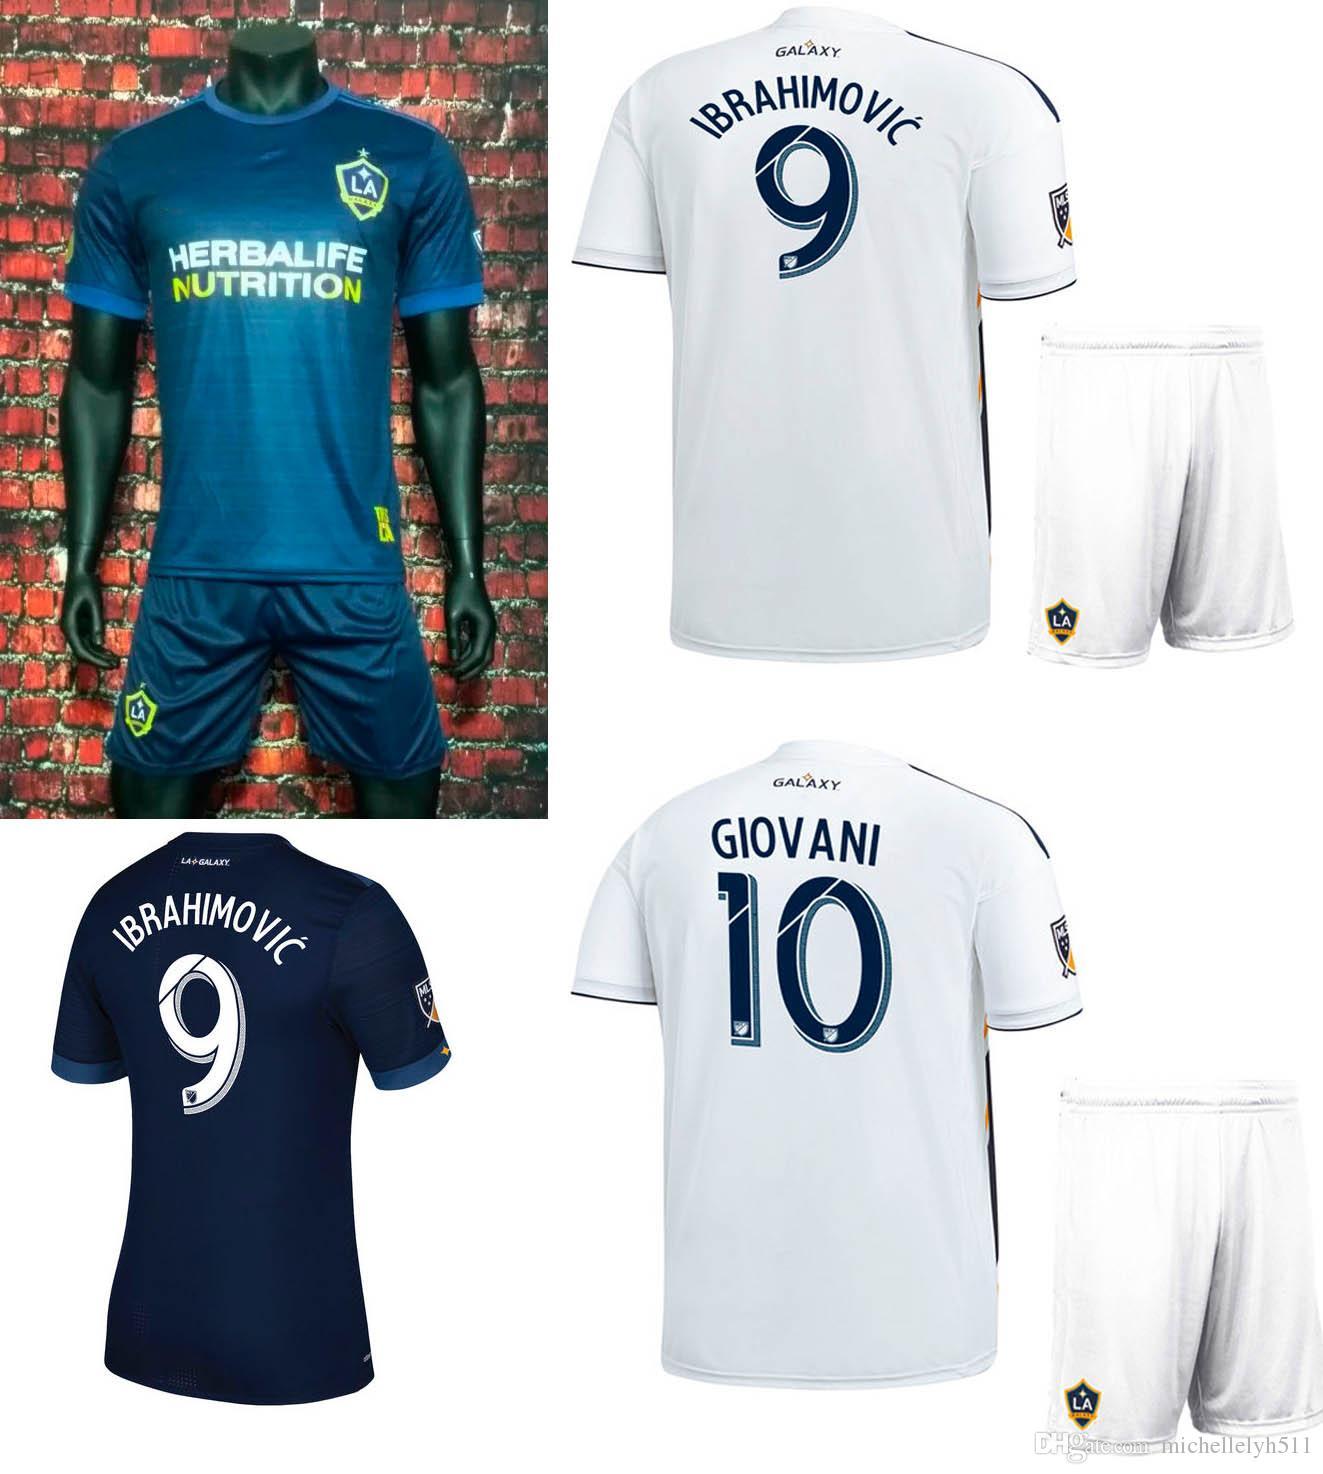 Compre 2018 LA Galaxy Soccer Jersey Shorts 18 19 Ibrahimovic GIOVANI  Camisetas De Fútbol 17 18 Los Angeles Galaxy Uniformes De Fútbol De Calidad  Tailandeses ... d667c7469e611